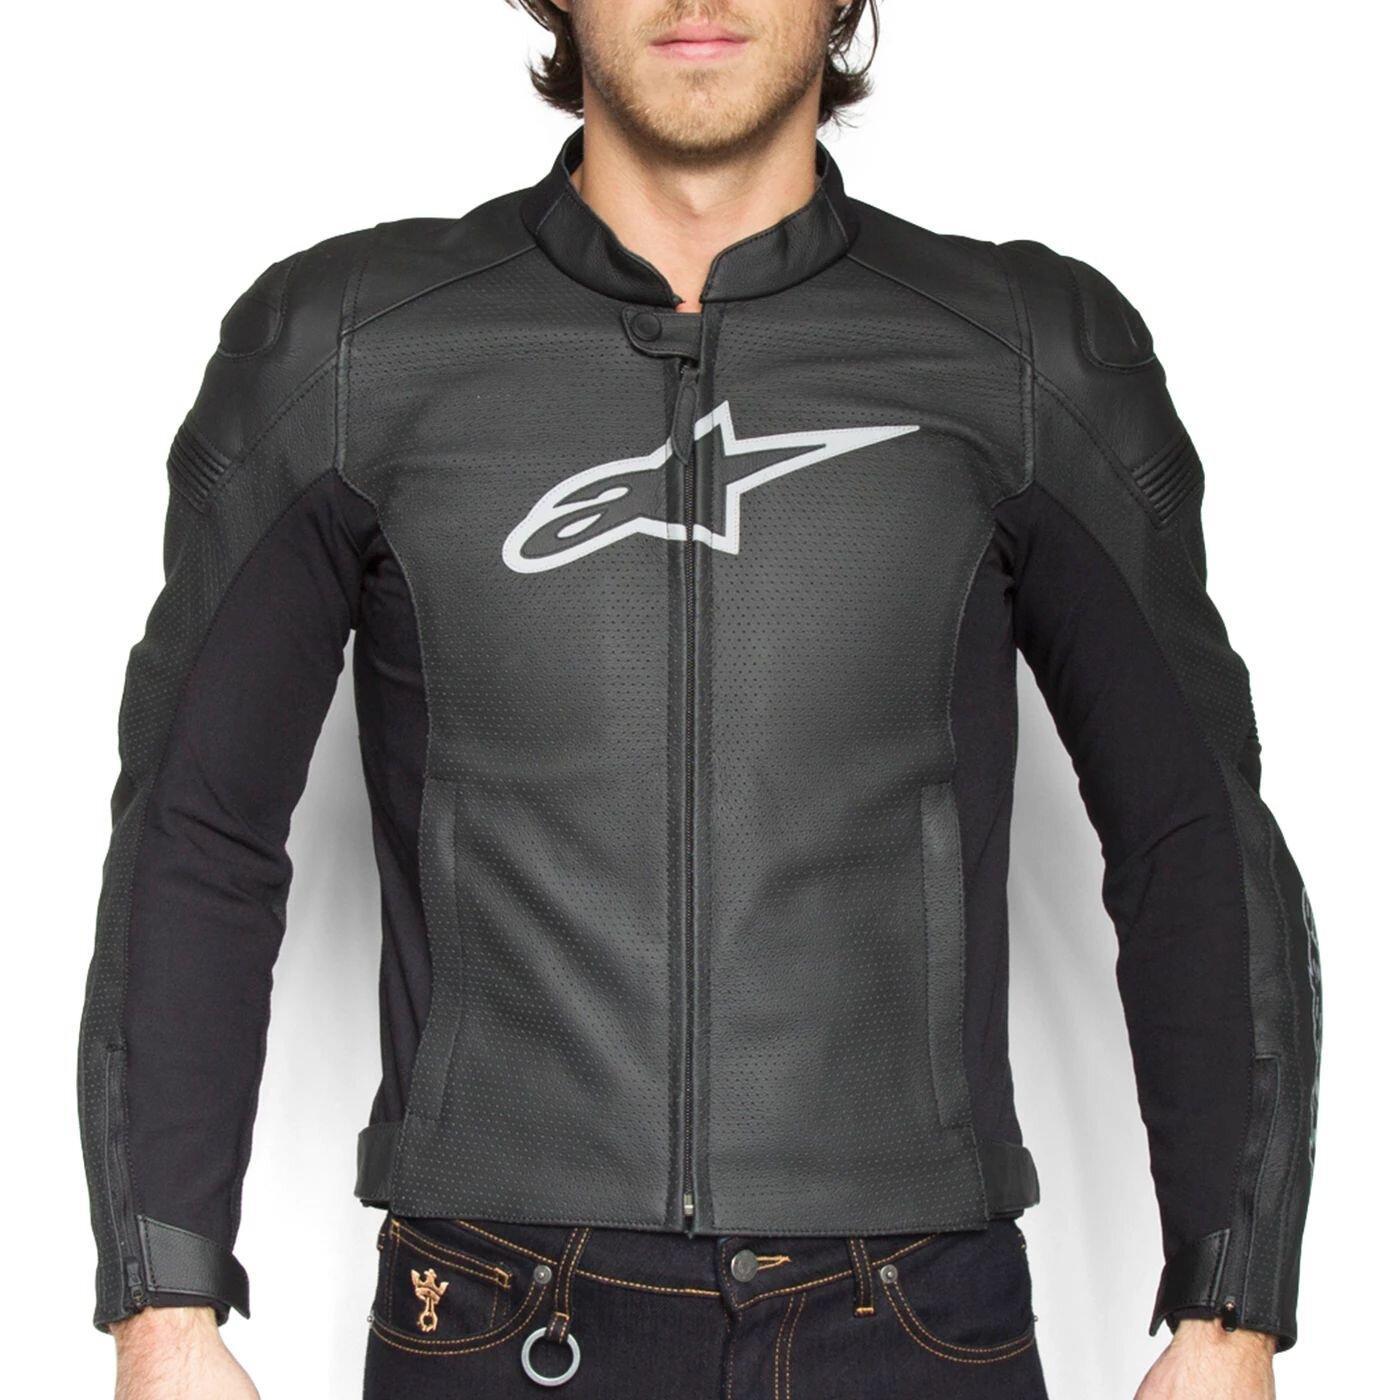 Lựa chọn quần áo bảo hộ moto chất lượng tốt